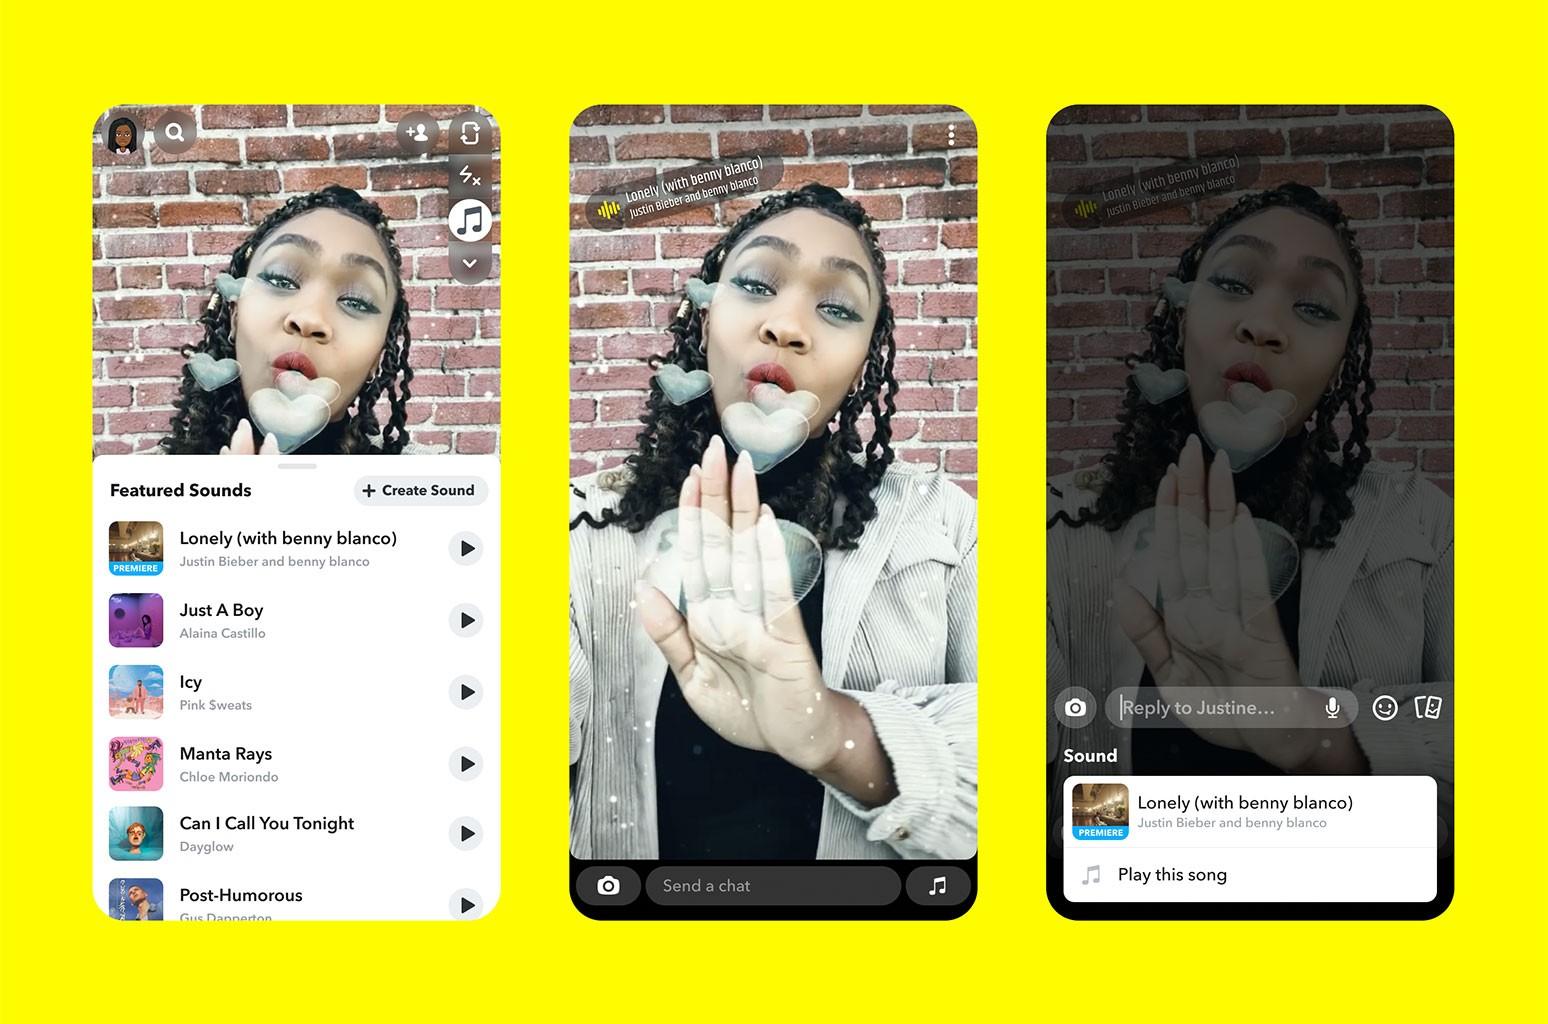 Новый пакт Snap с DistroKid позволяет артистам лицензировать музыку для Snapchat: эксклюзив